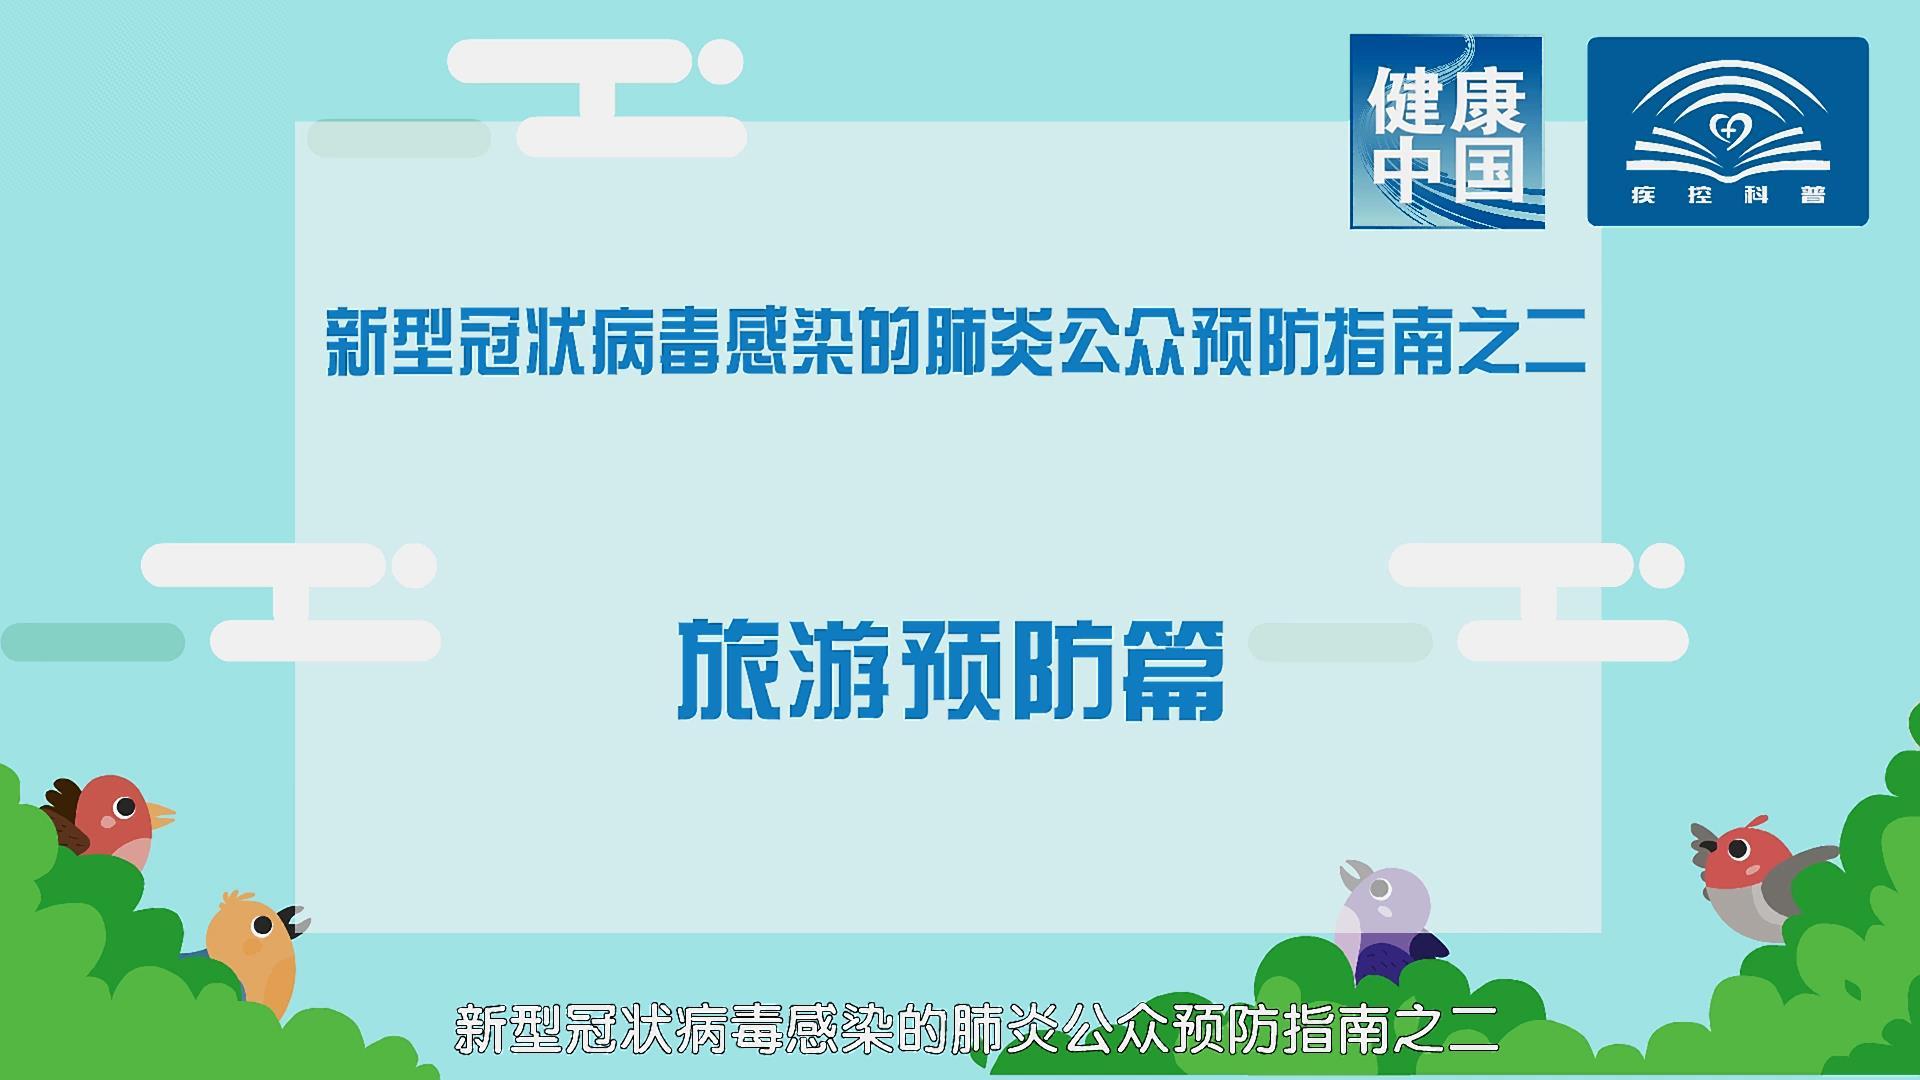 新冠肺炎公眾預防指南之二《旅游預防篇》